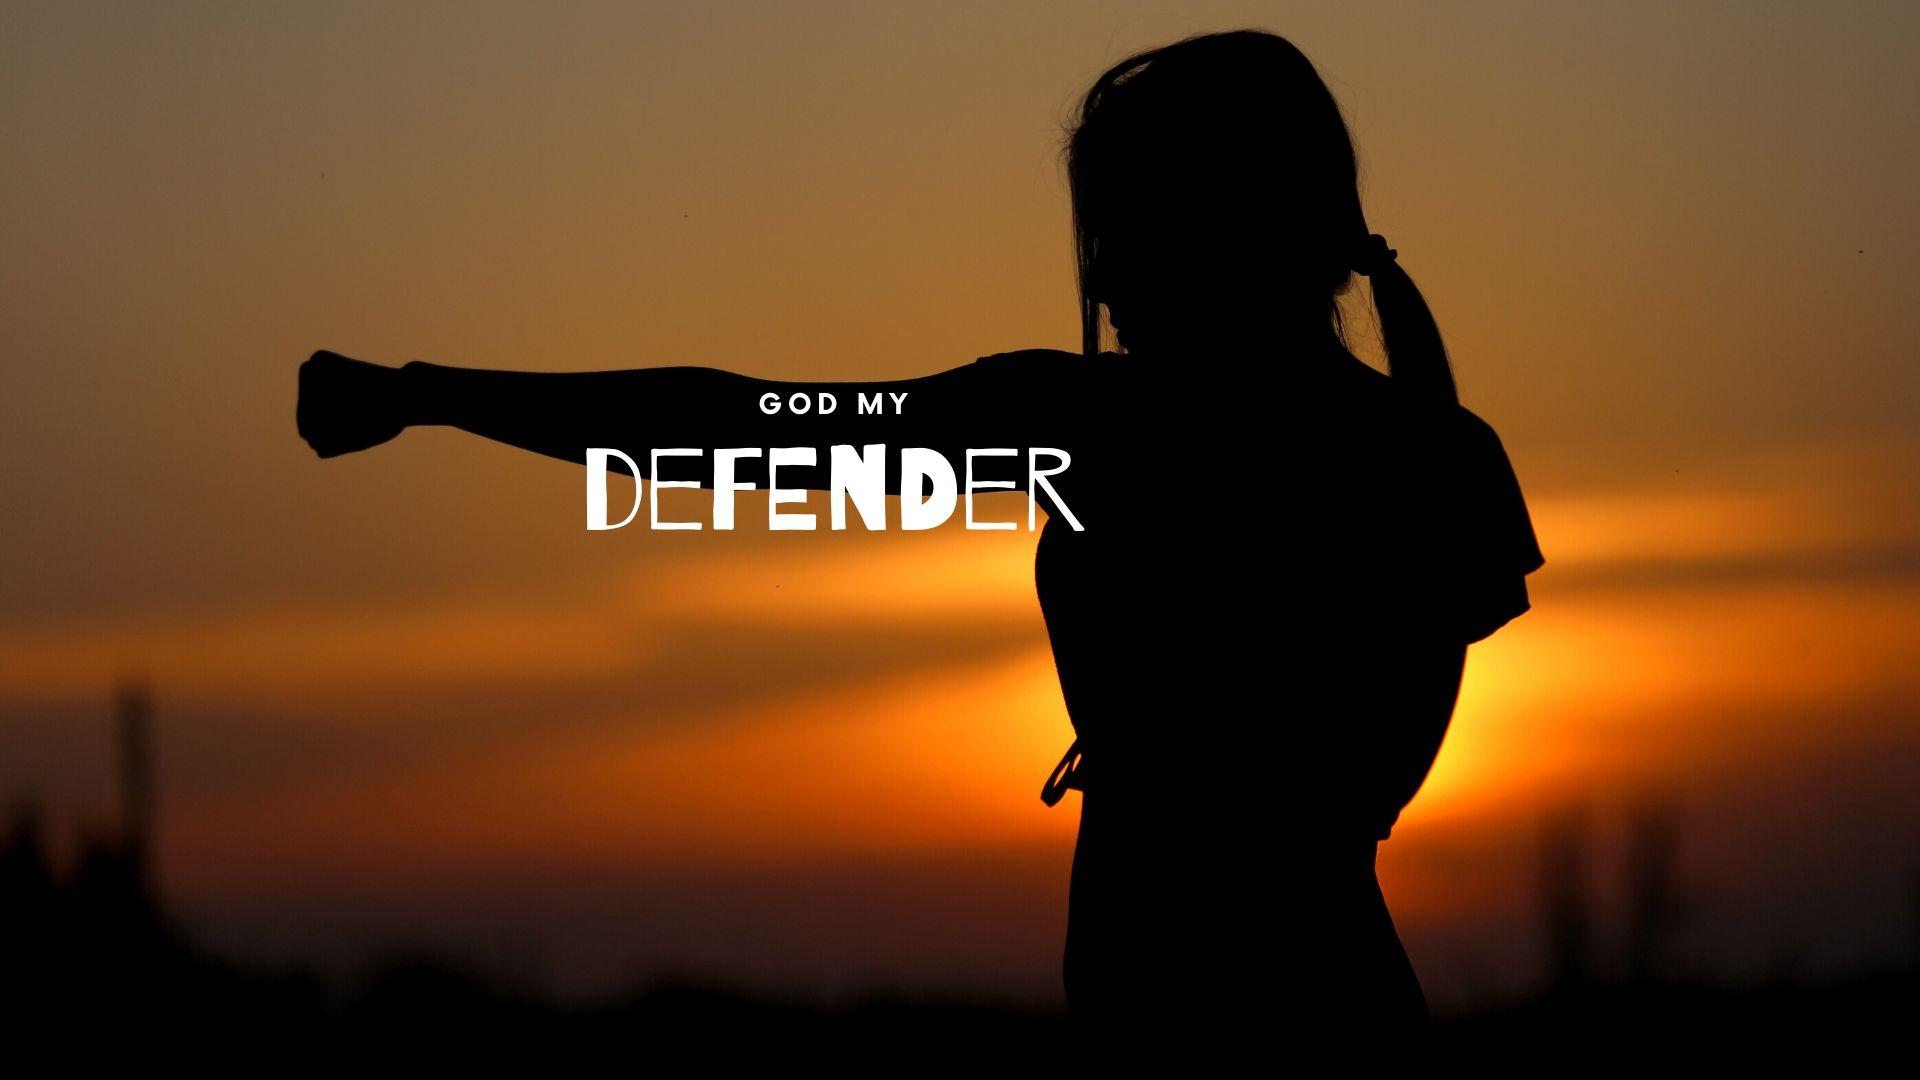 god my defender god my defender